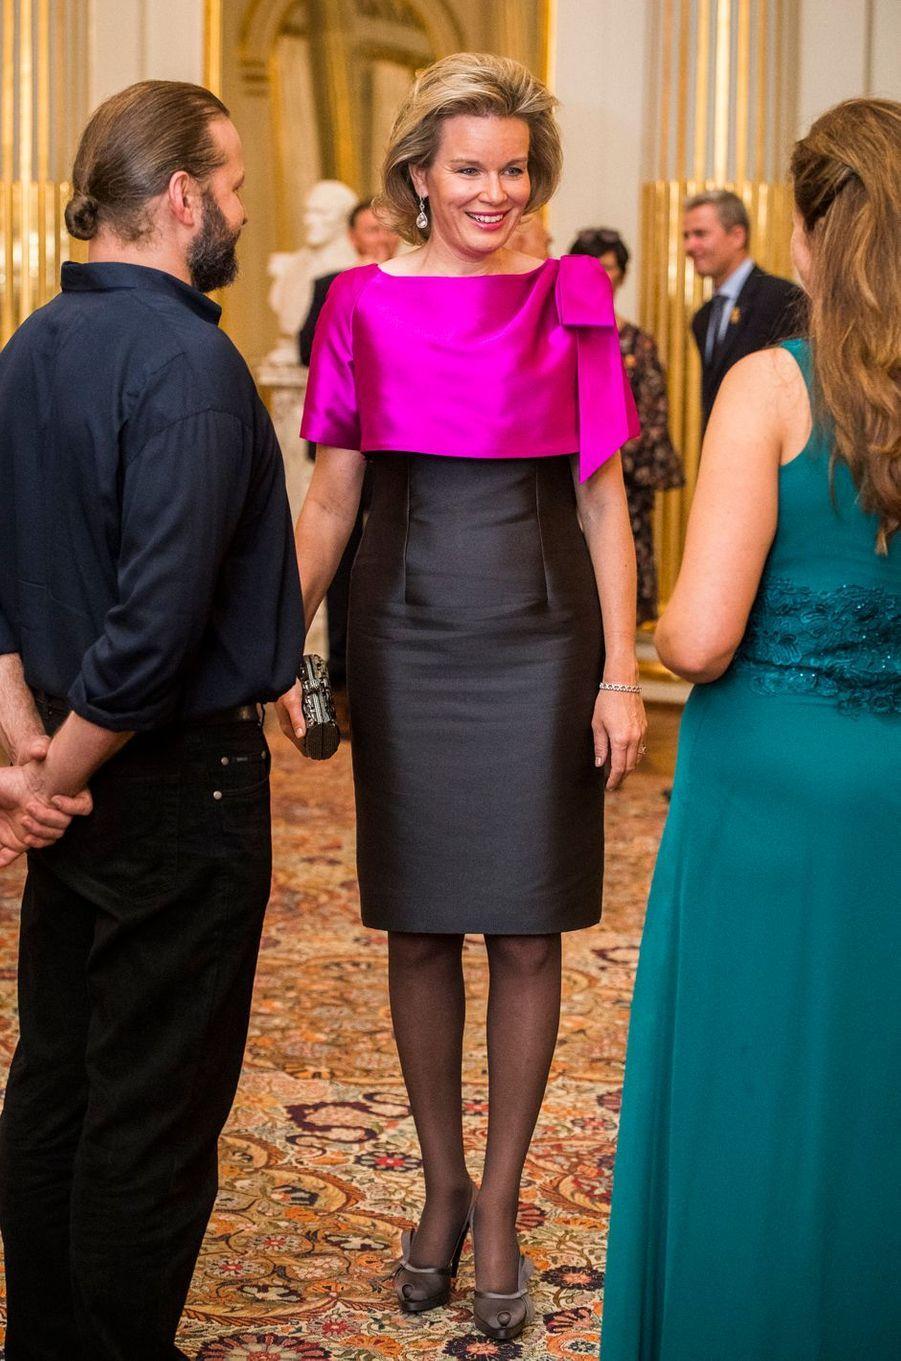 La reine Mathilde de Belgique avec les musiciens du concert d'automne à Bruxelles, le 19 octobre 2016